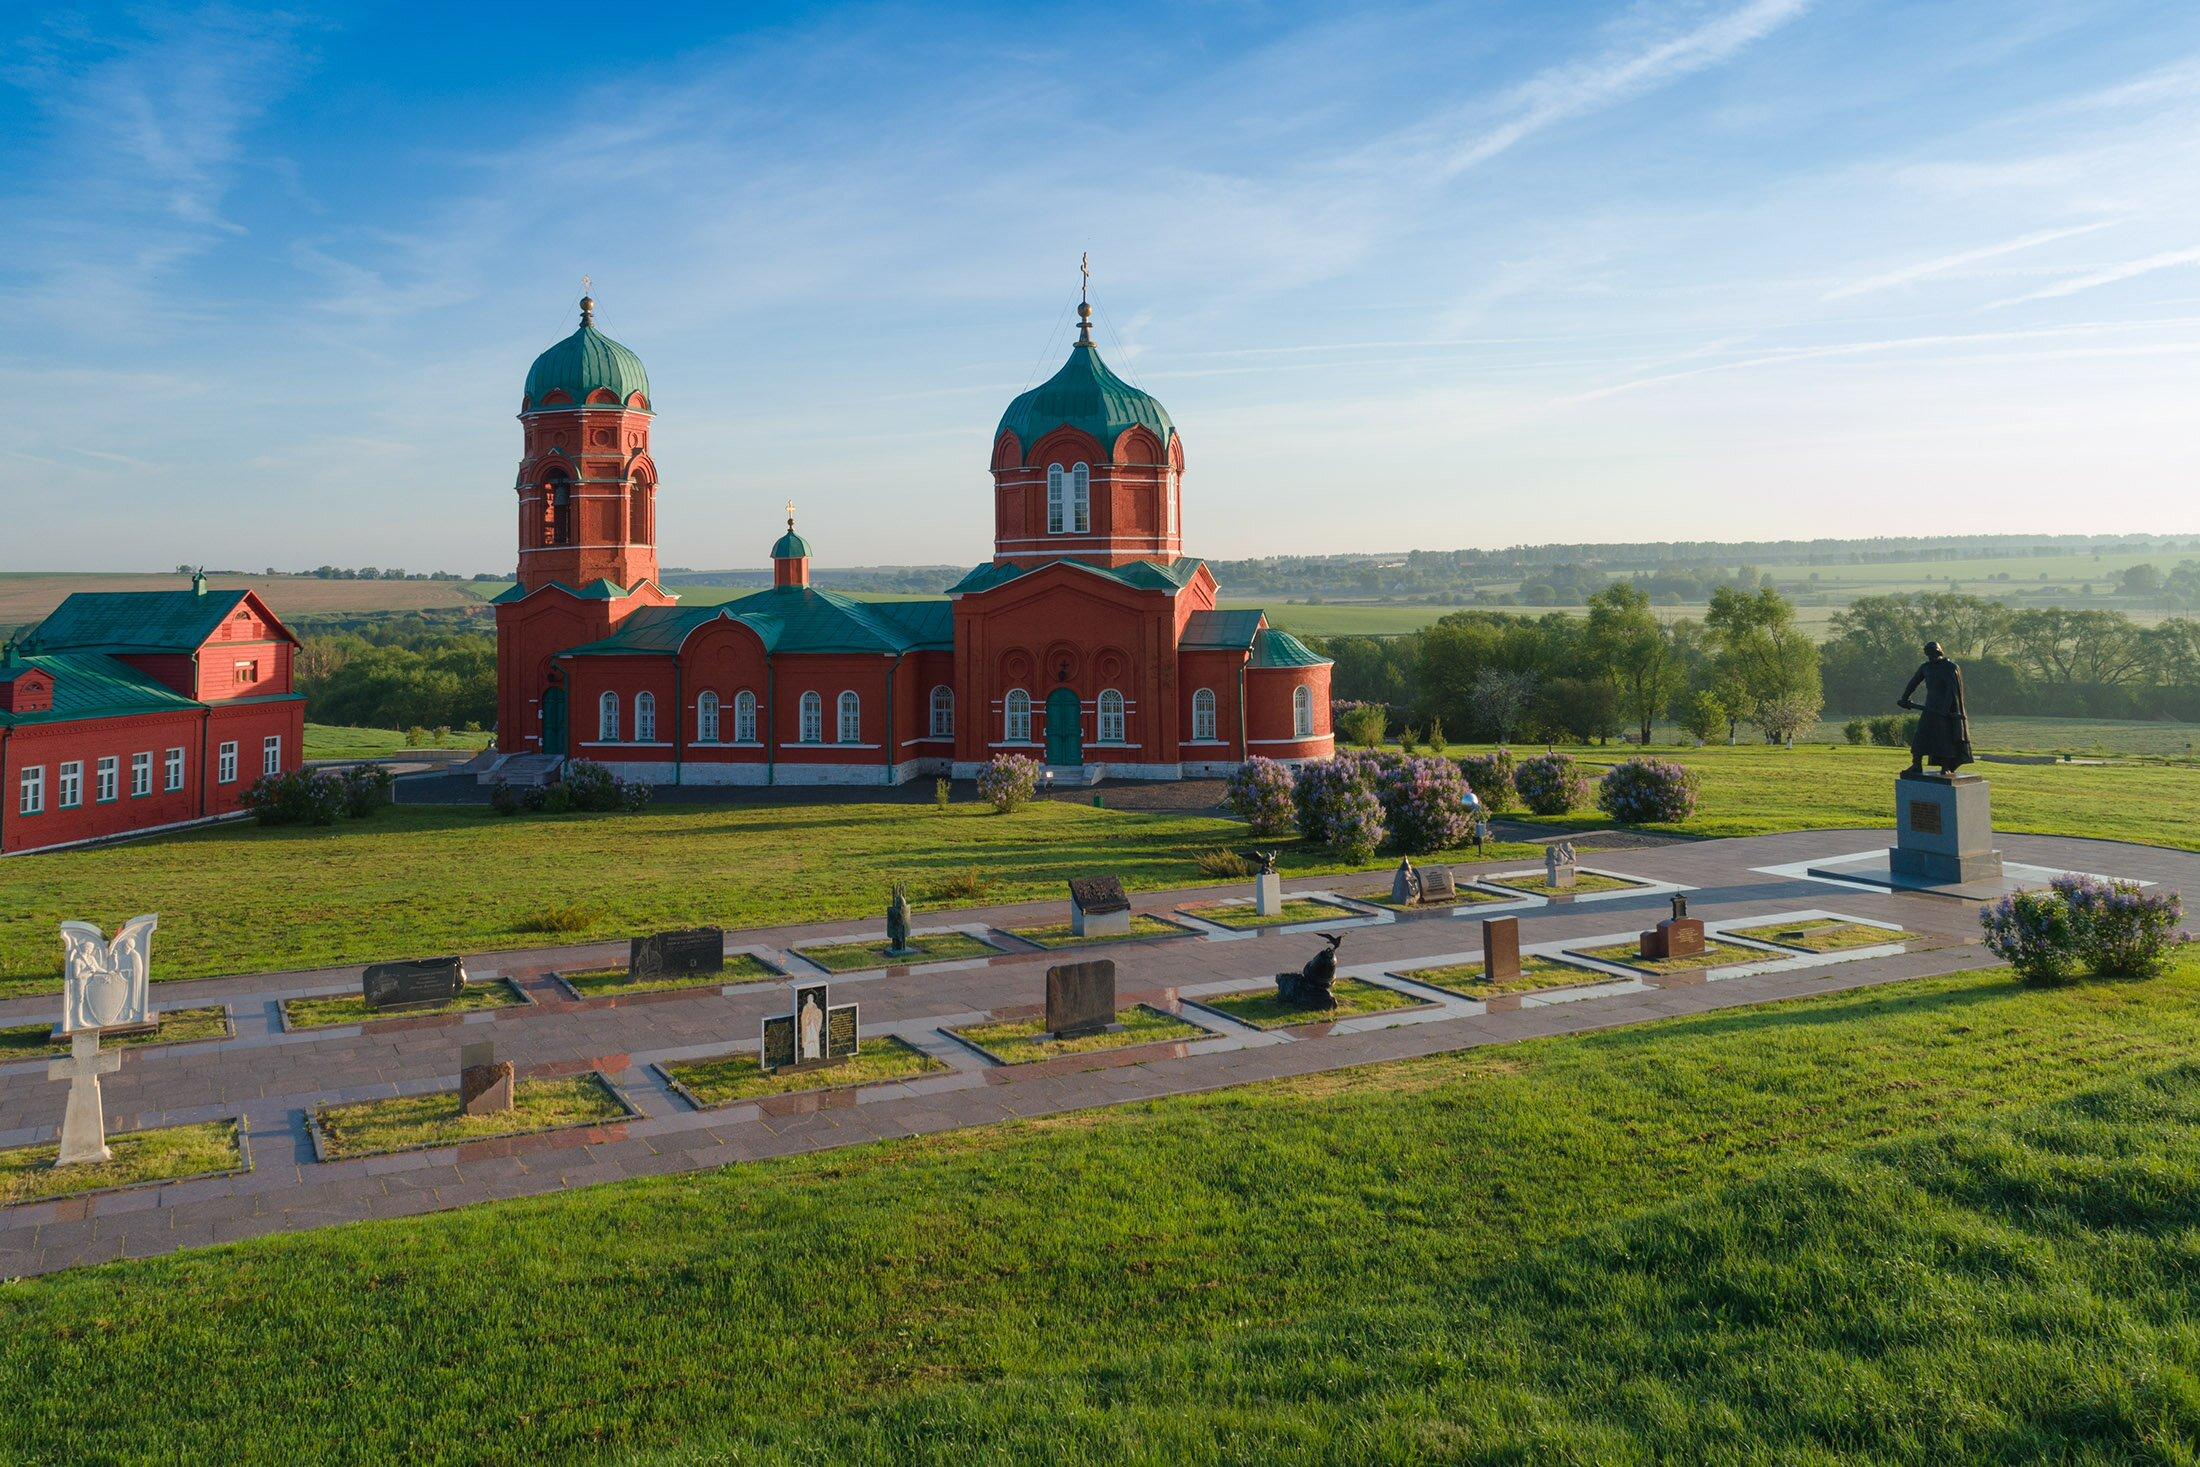 Первое ратное поле России: исторически значимое место, которое стоит посетить!. 409279.jpeg